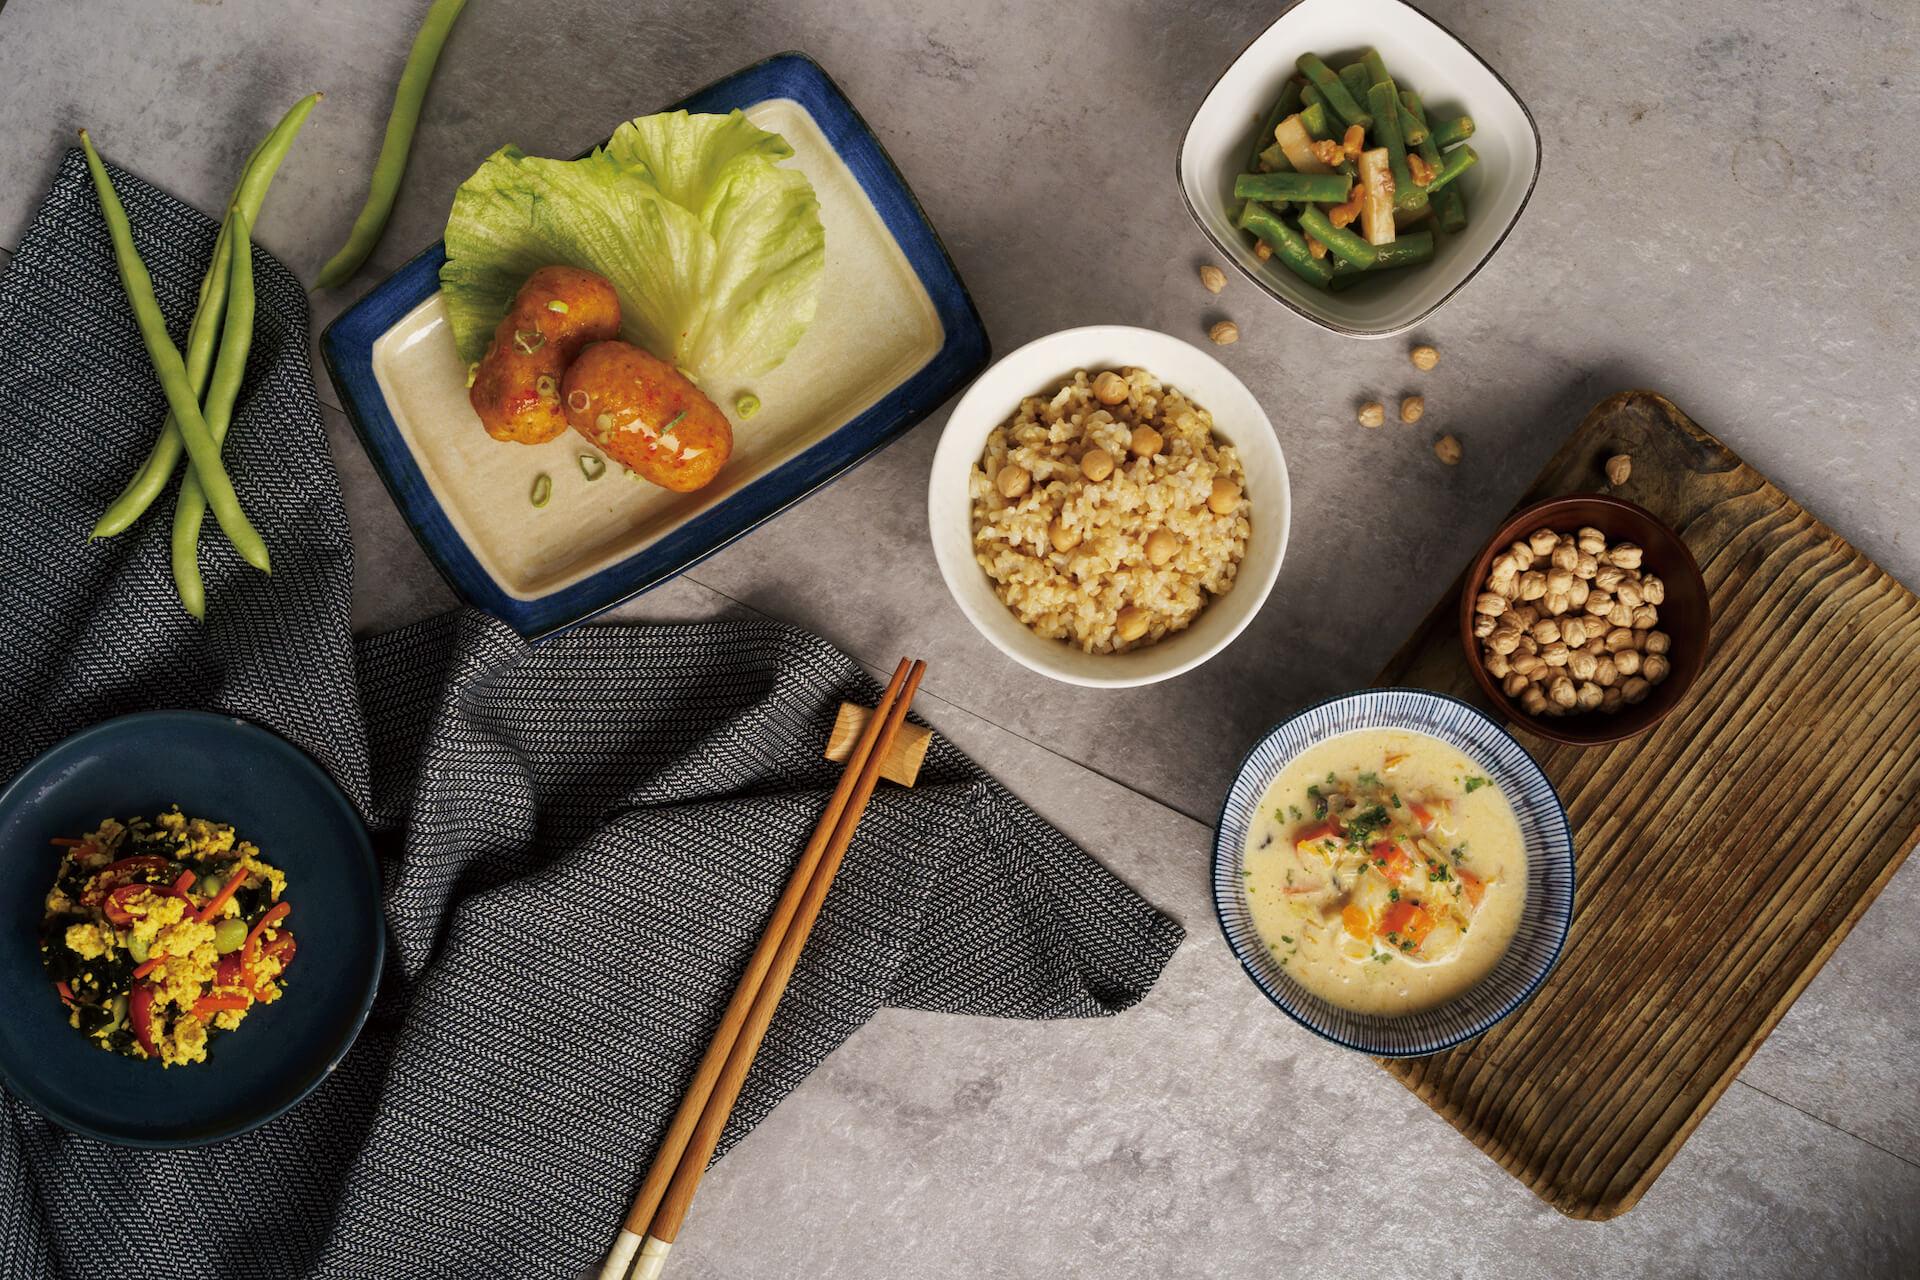 和風家庭料理:發酵食品的逆襲 蔬食食譜